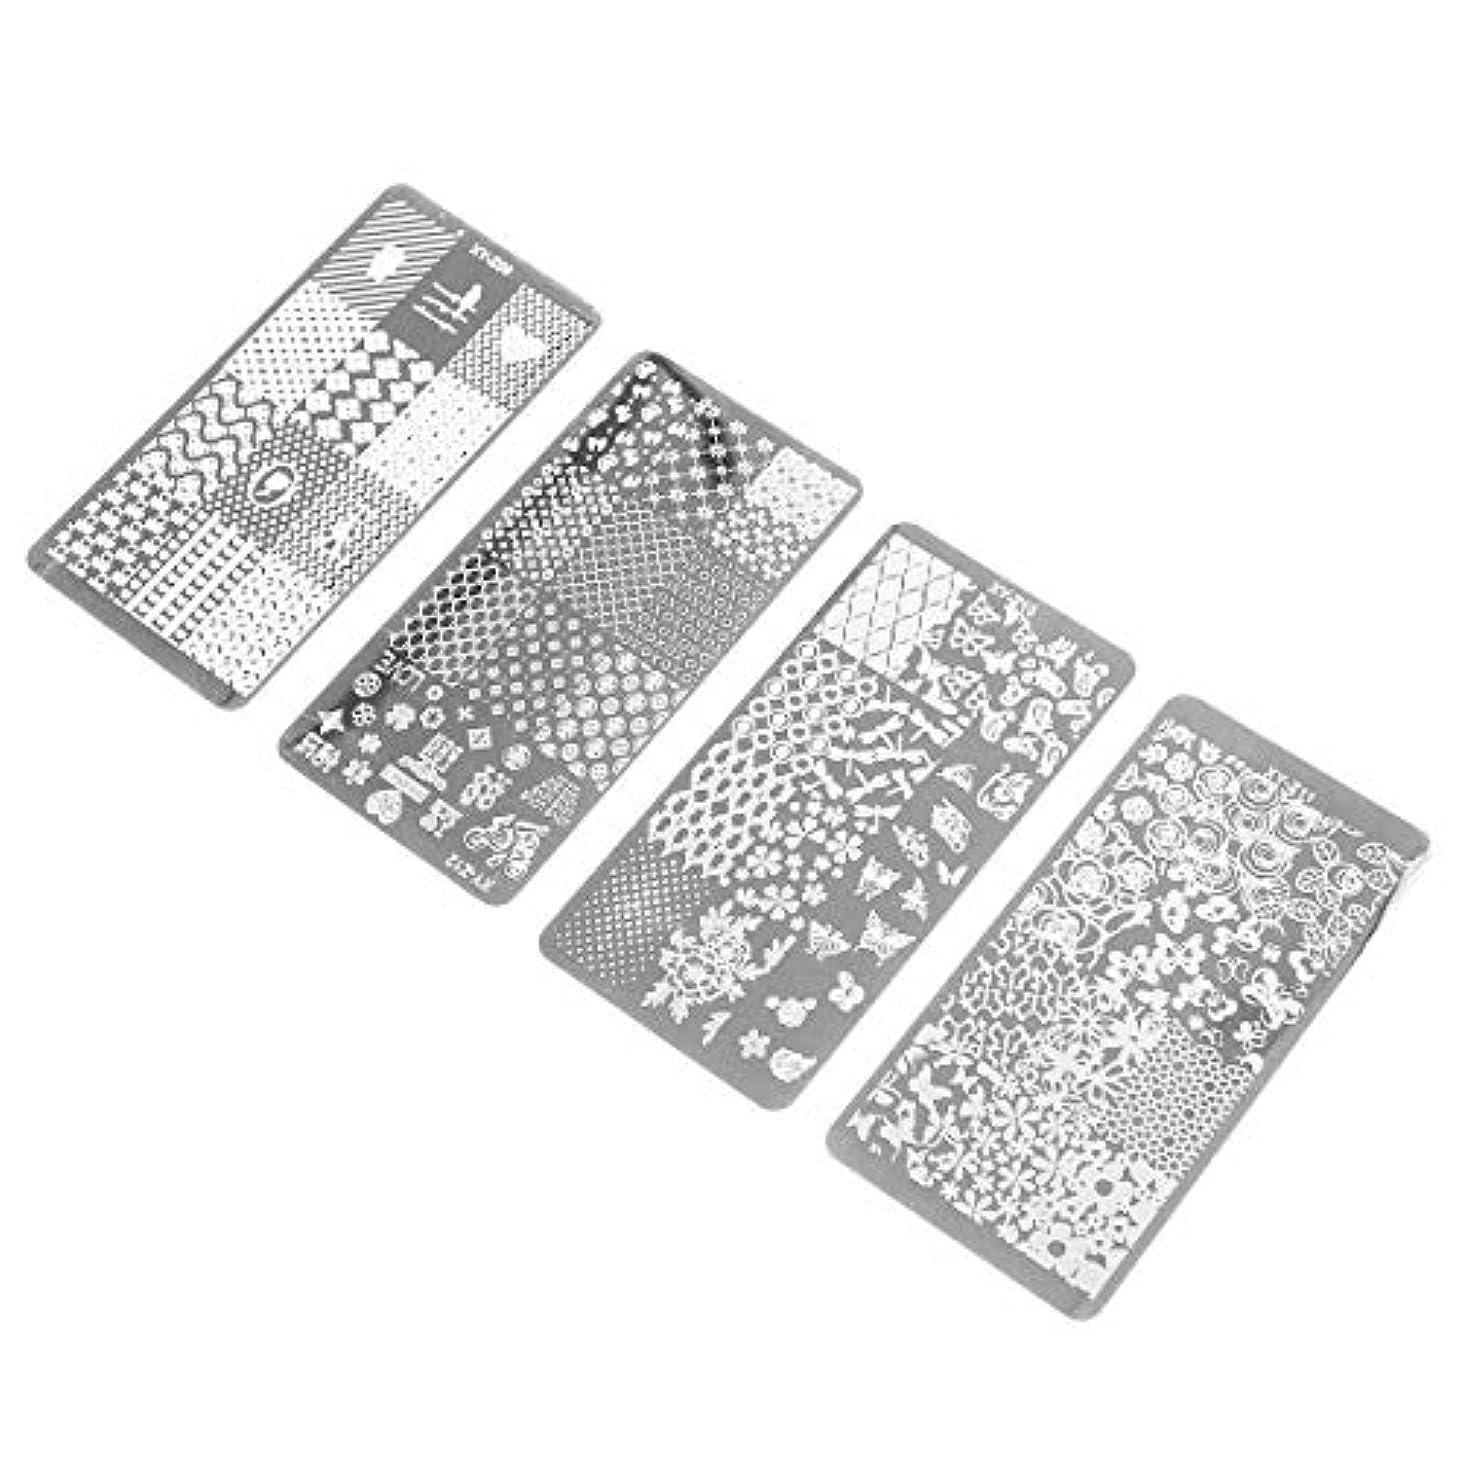 きゅうり寝る足Frcolor ネイルスタンププレート ネイルイメージプレート DIY ネイルアー動物植物 ネイルデザイン用品 ネイルアートツール